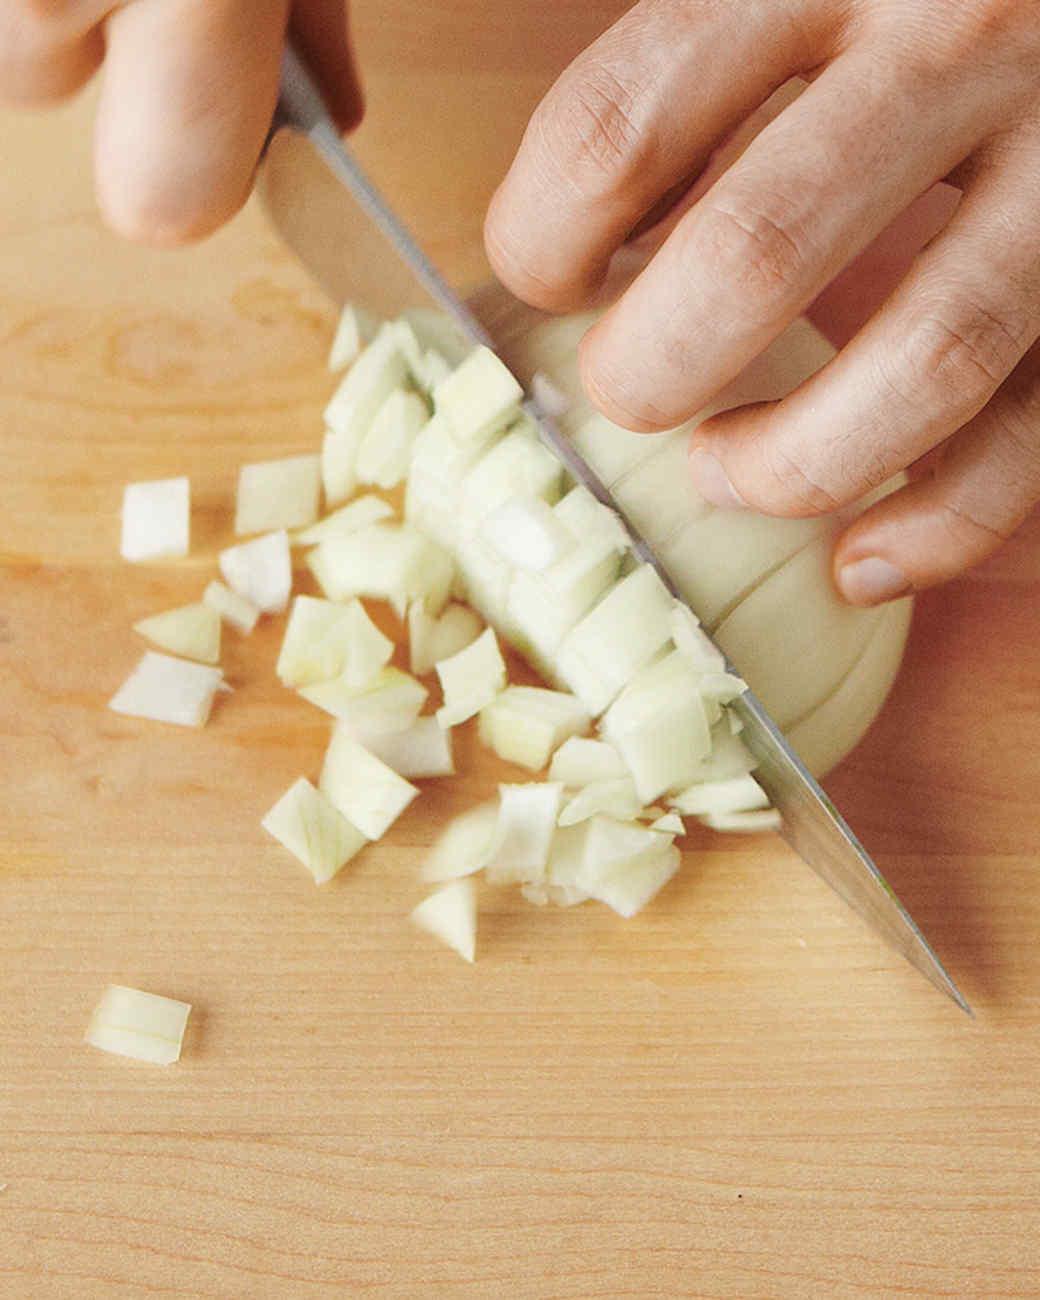 onions-dice-3-med108359.jpg